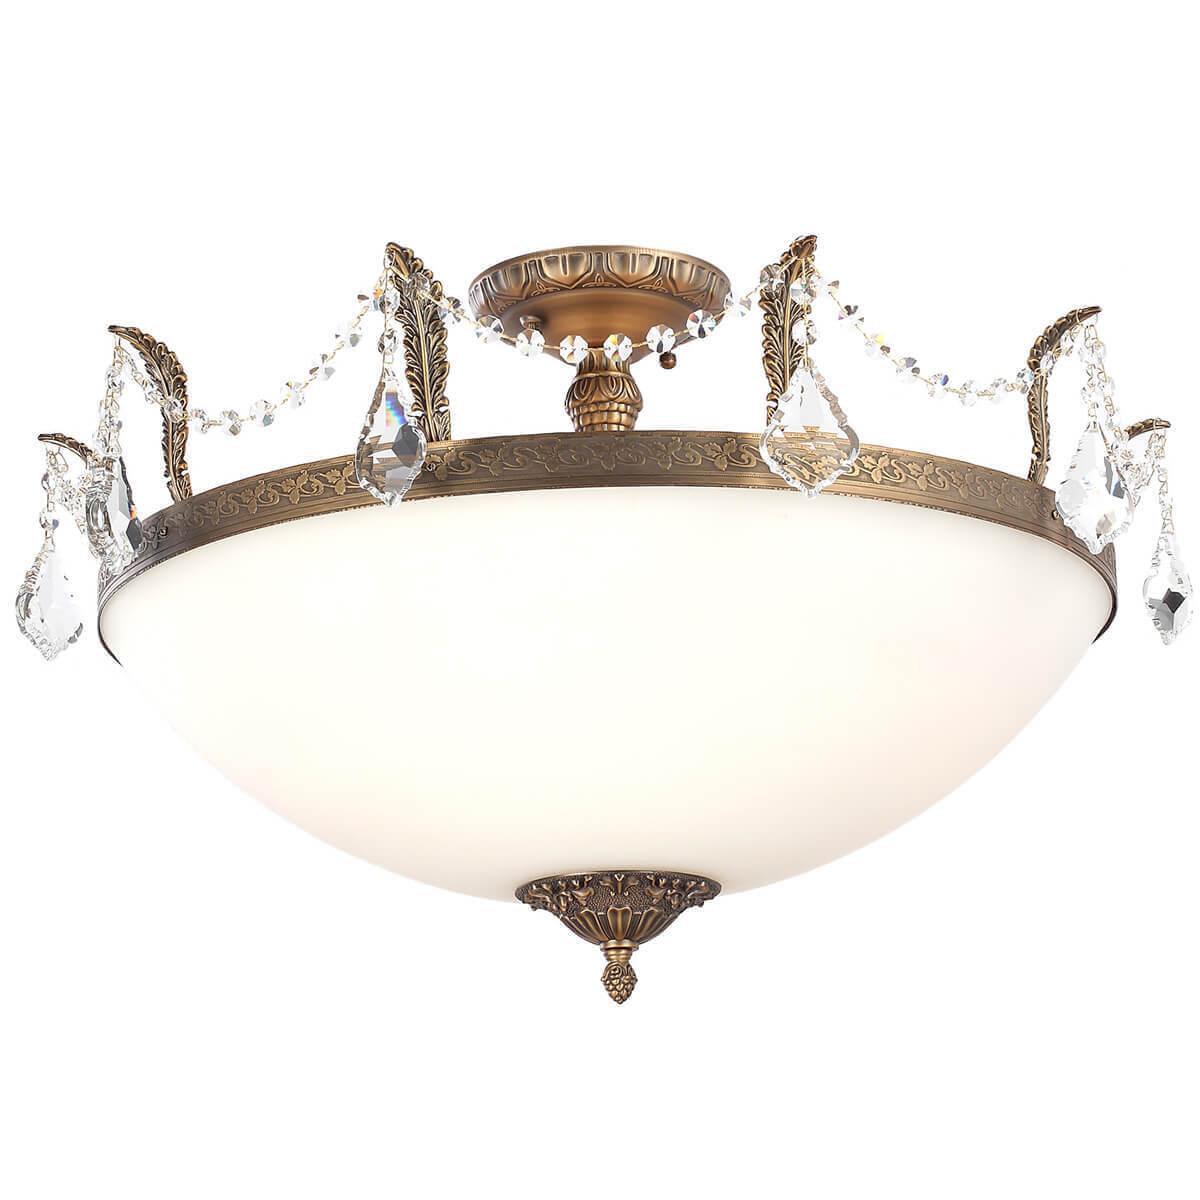 Потолочный светильник Lucia Tucci Barletta 182.10 D720 Antique цена